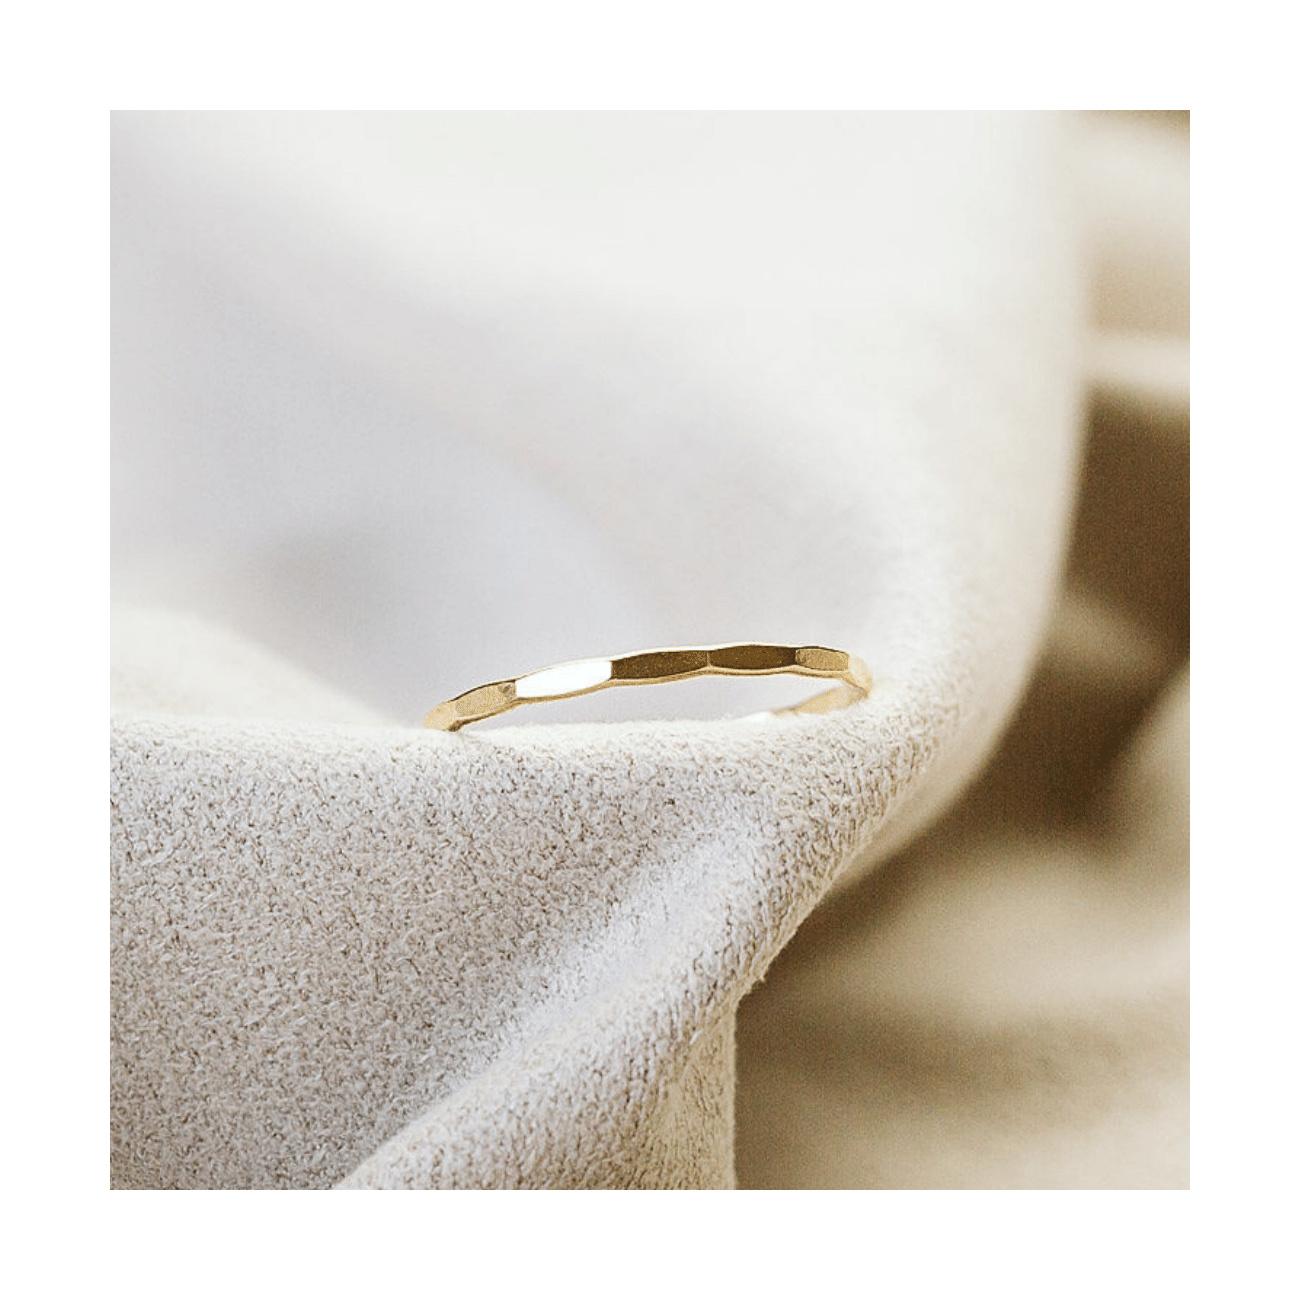 Opracovaný prstýnek